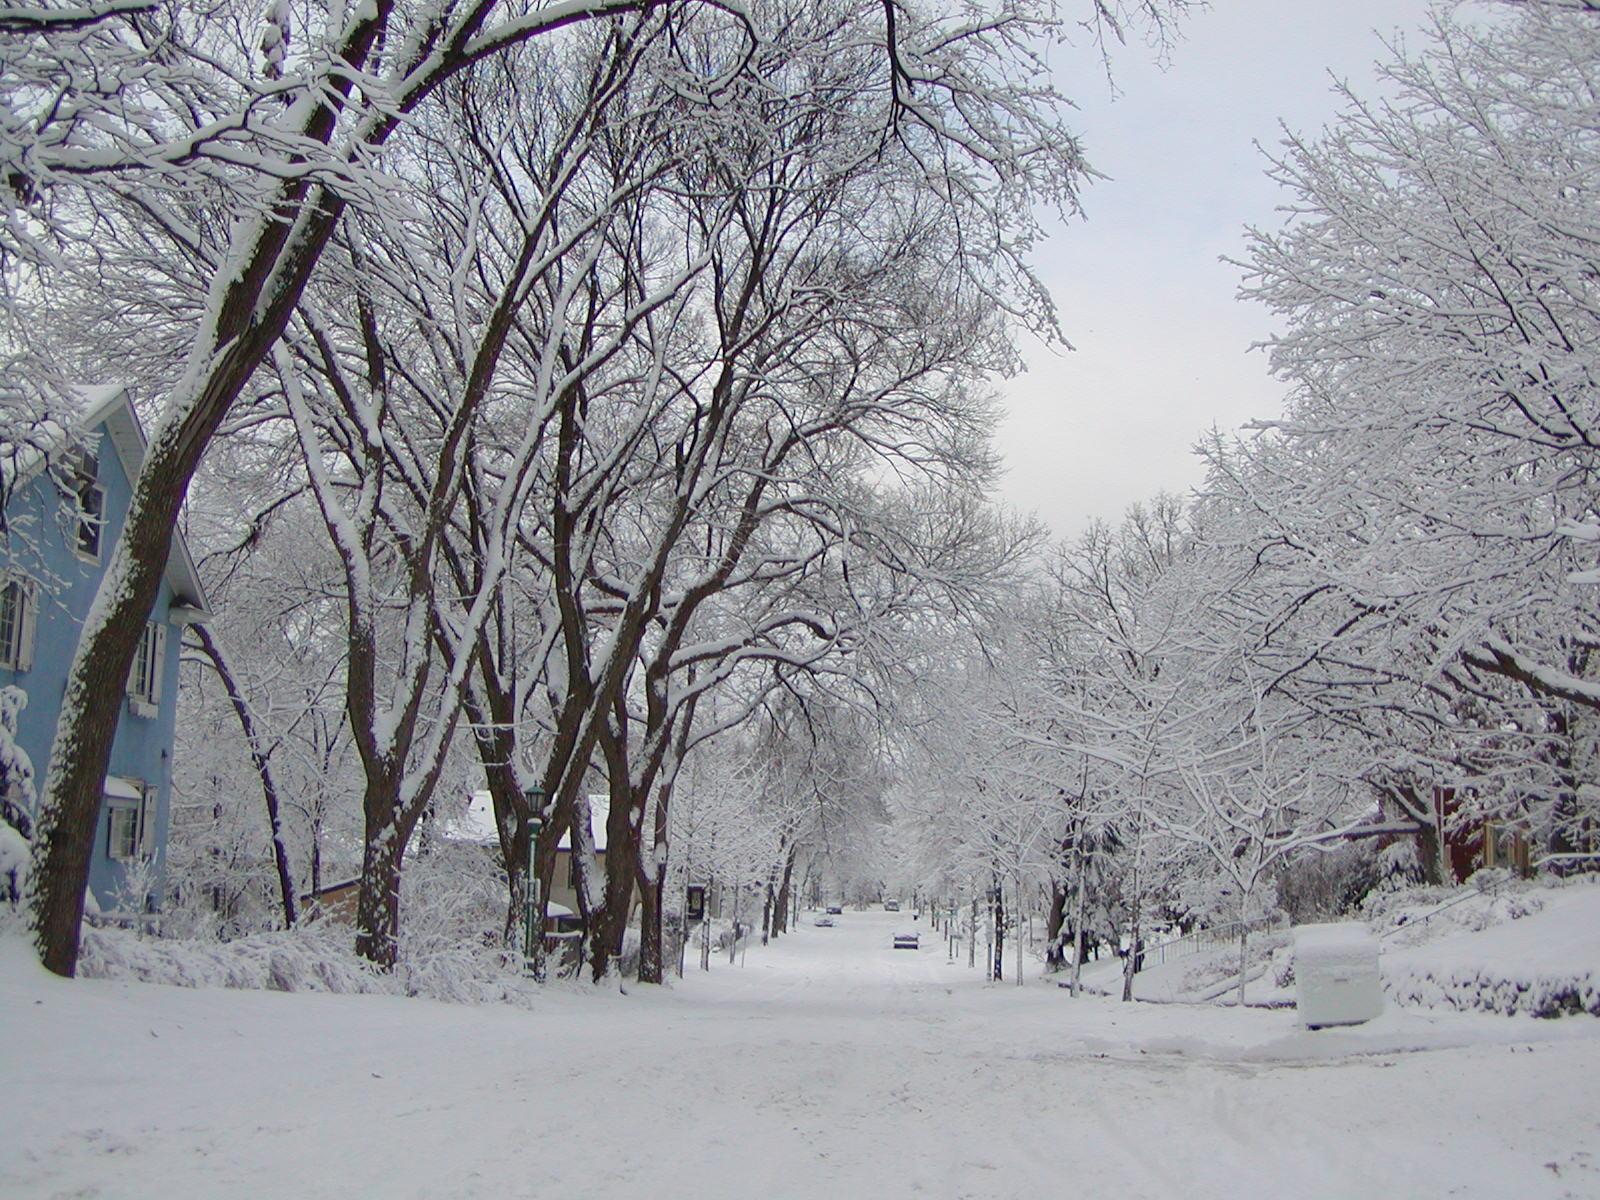 Winter Trees in St. Paul